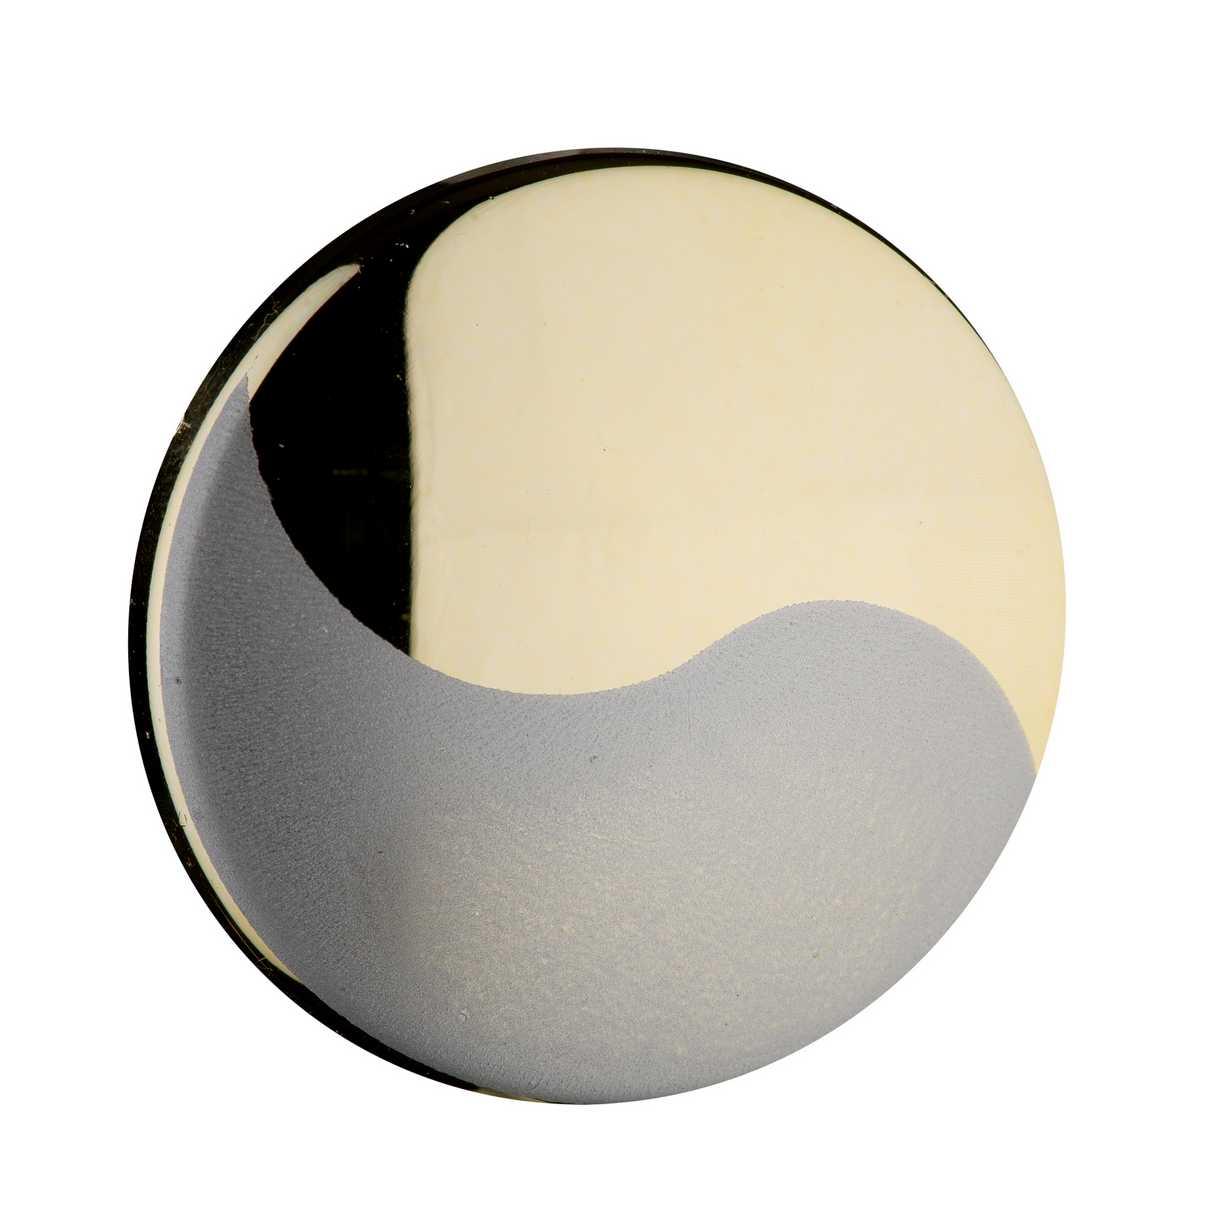 Клипсы магнитные для штор SmolTtx Инь-ян, цвет: золотистый, серебристый, длина 30 см544092_2М3Магнитные клипсы SmolTtx Инь-ян предназначены для придания формы шторам. Они оформлены символом единства противоположностей инь и ян. Изделие представляет собой соединенные тросиком два элемента, на внутренней поверхности которых расположены магниты. С помощью такой клипсы можно зафиксировать портьеры, придать им требуемое положение, сделать складки симметричными или приблизить портьеры, скрепить их. Следует отметить, что такие аксессуары для штор выполняют не только практическую функцию, но также являются одной из основных деталей декора, которая придает шторам восхитительный, стильный внешний вид. Диаметр клипсы: 4,5 см. Длина троса: 30 см. Длина троса (с учетом клипс): 38,5 см.